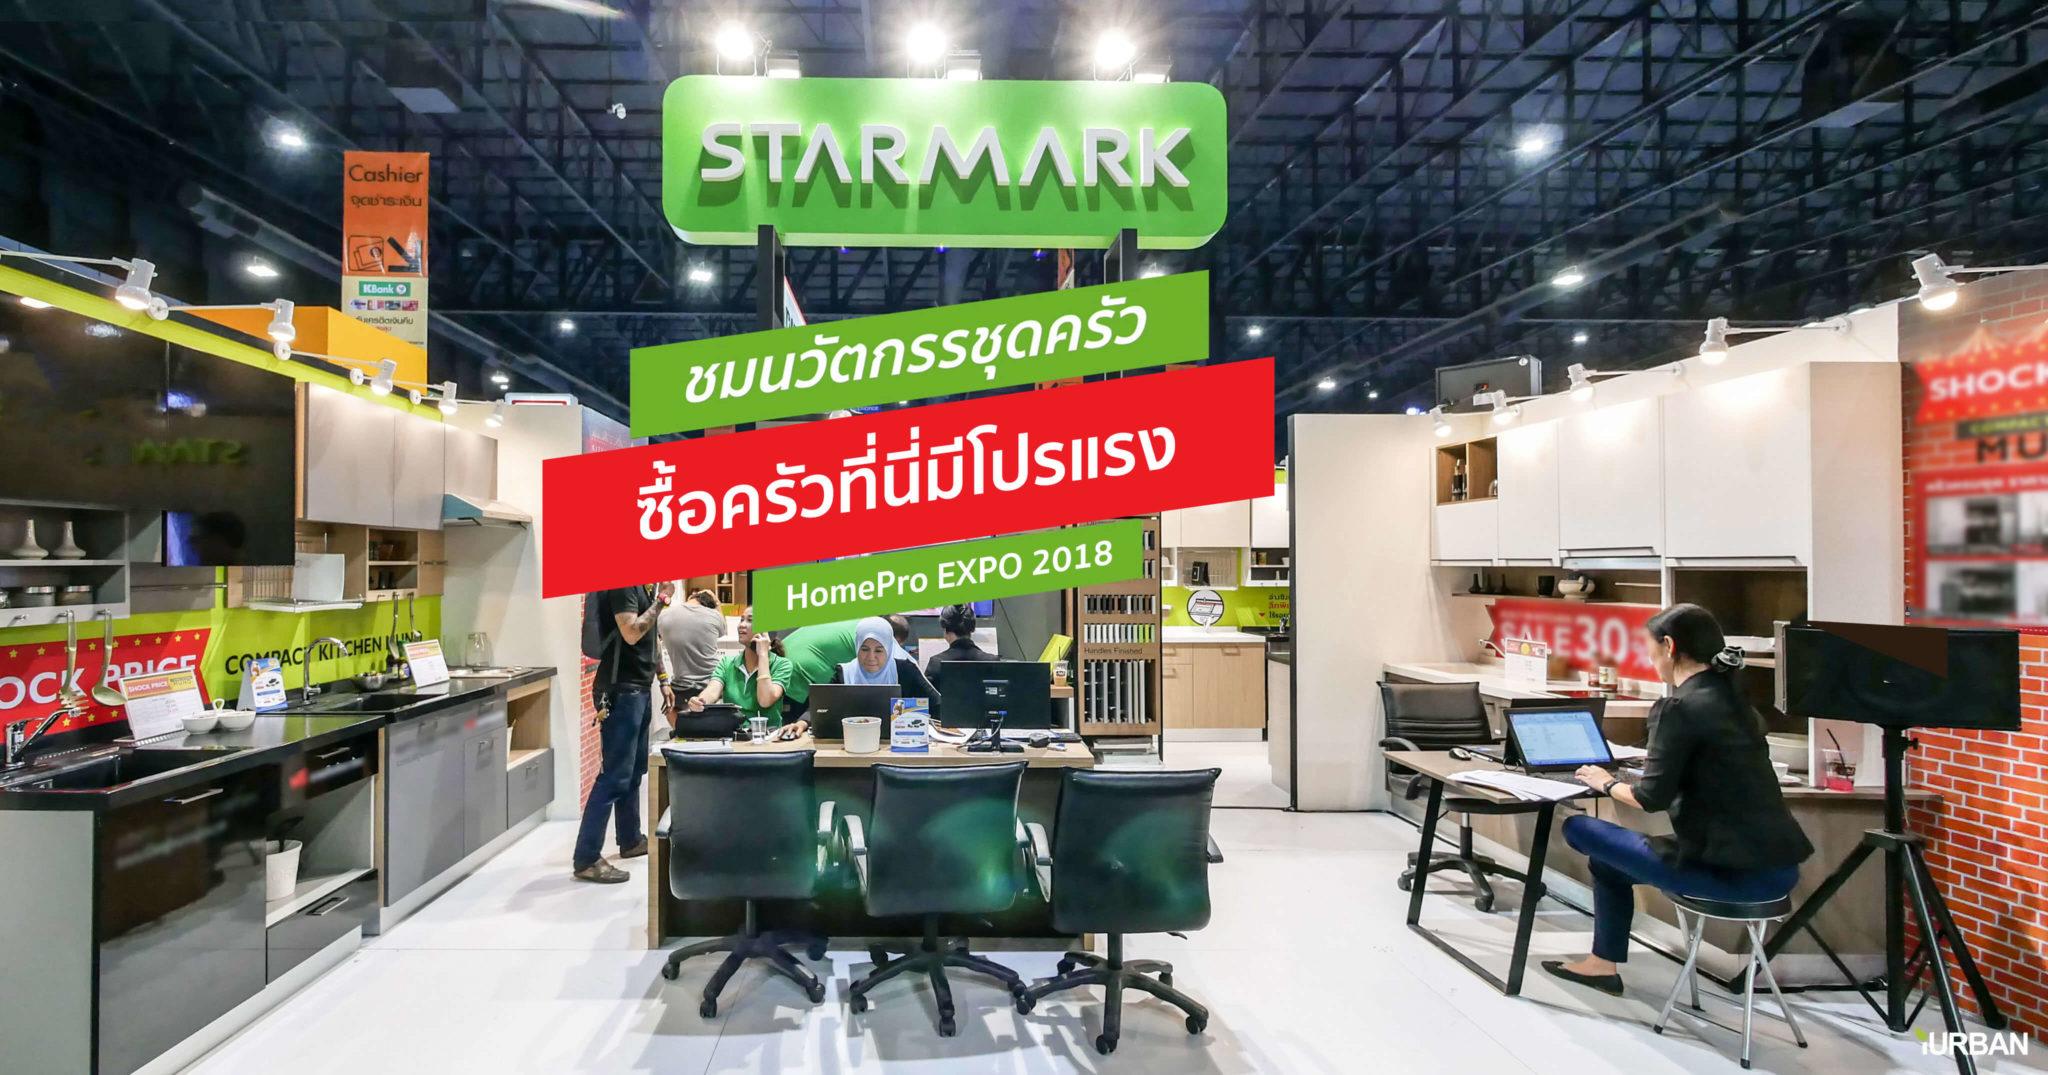 11 ข้อดีครัว STARMARK จากบูธในงาน HomePro EXPO 2018 พร้อมโปรแรงมาก! 13 - Premium